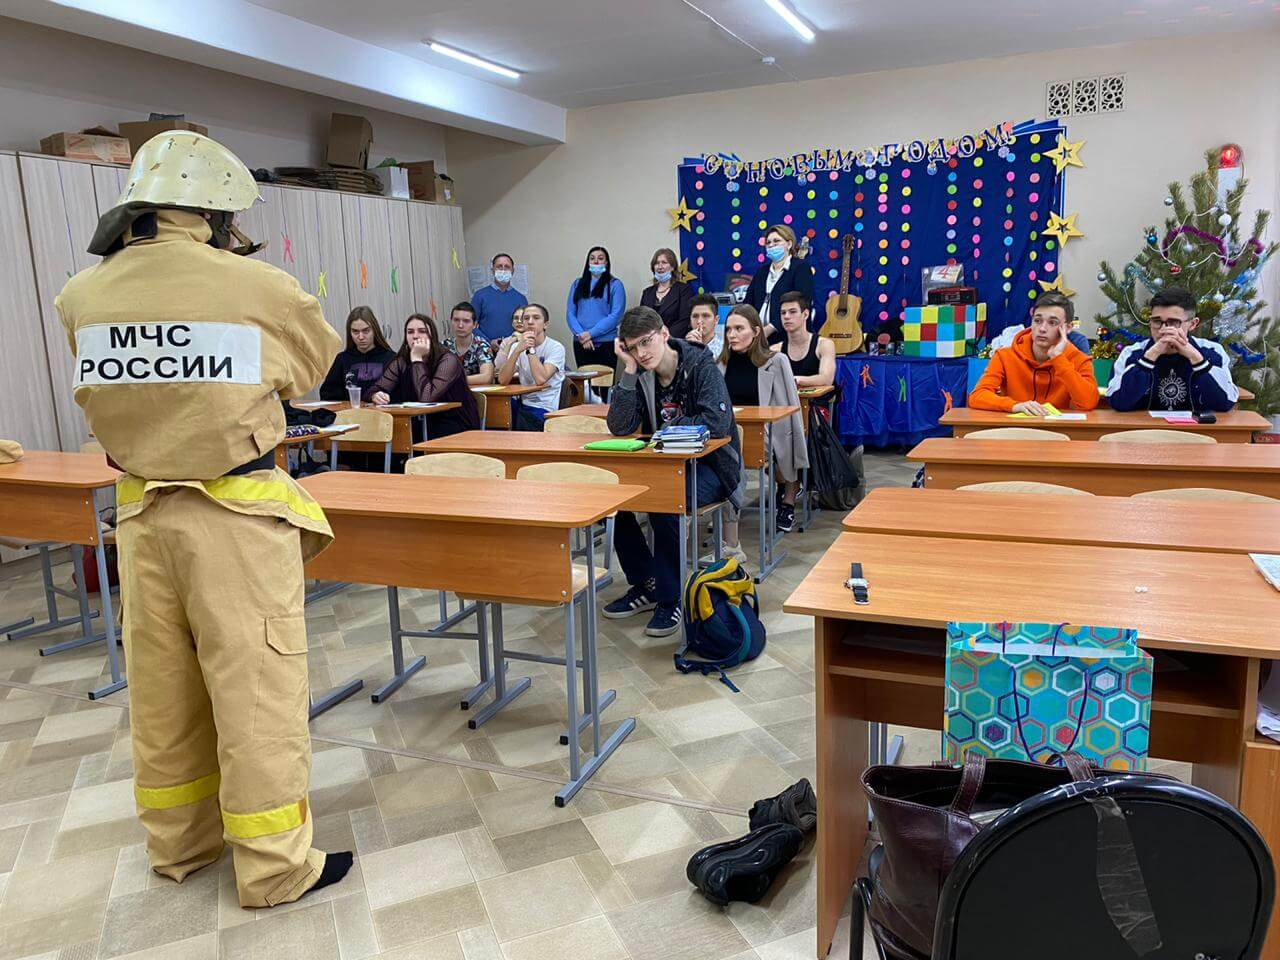 Студенты рассказали школьникам о профессии пожарного